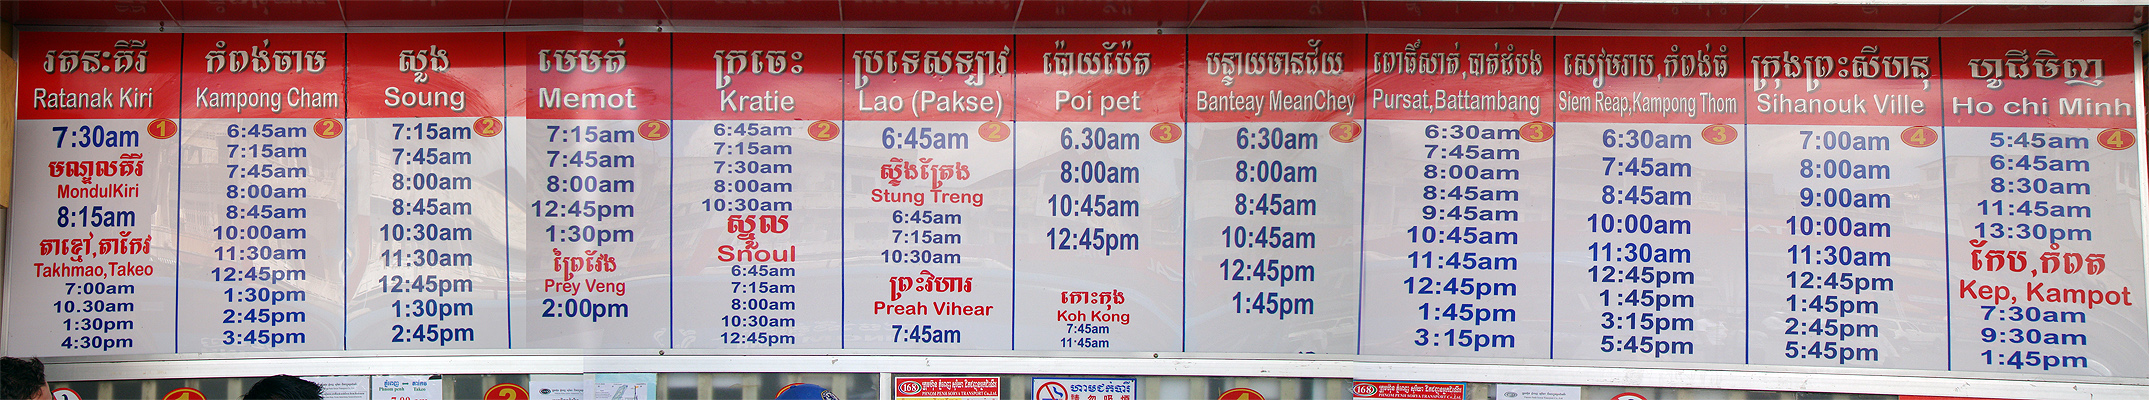 Расписание Phnom Penh Sorya Transport Company